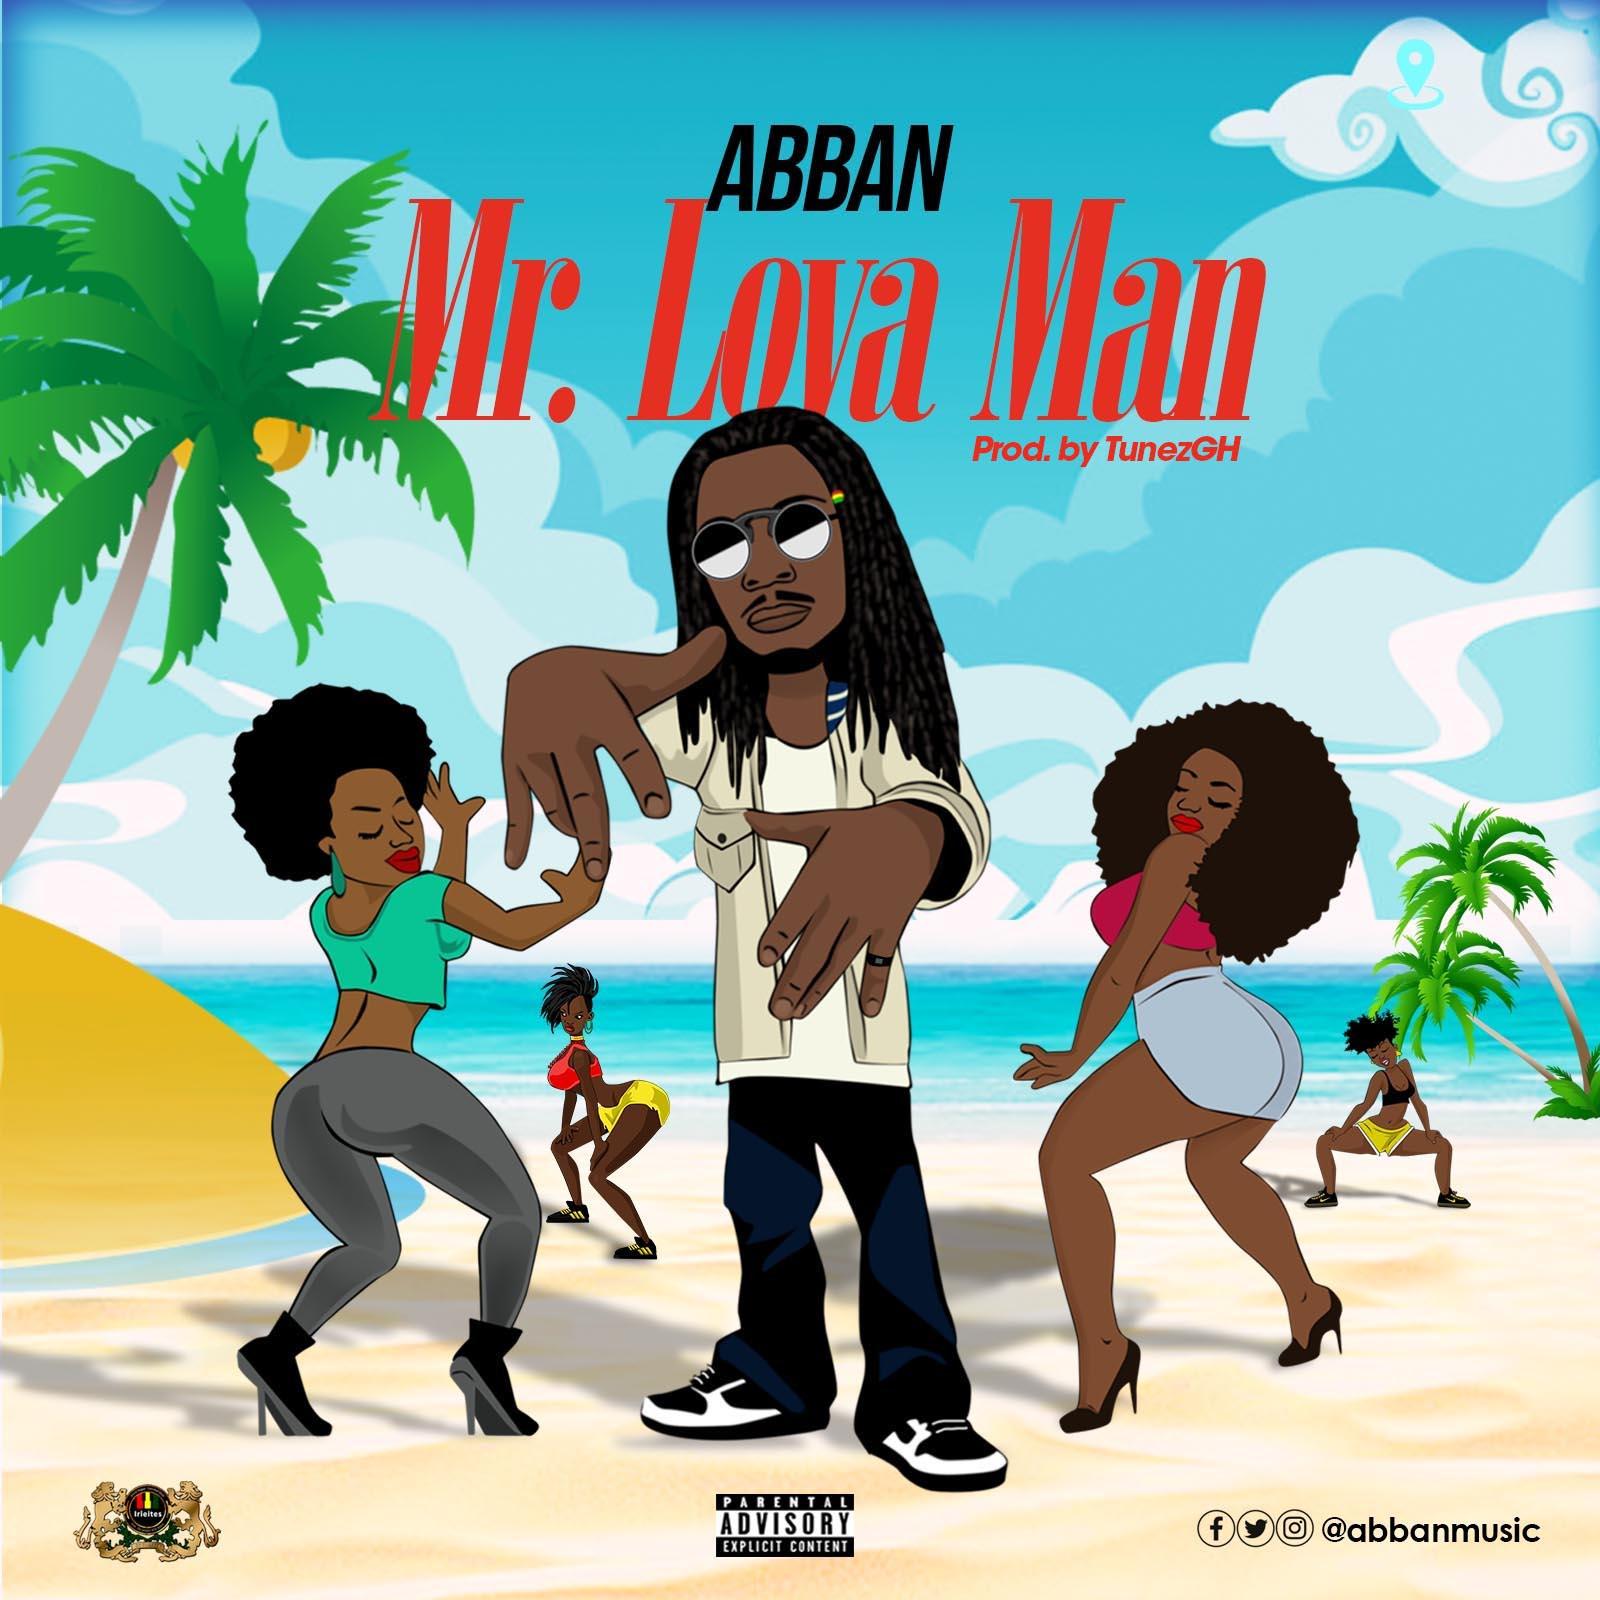 Abban - Mr Lova Man (Prod. by Tunz GH)